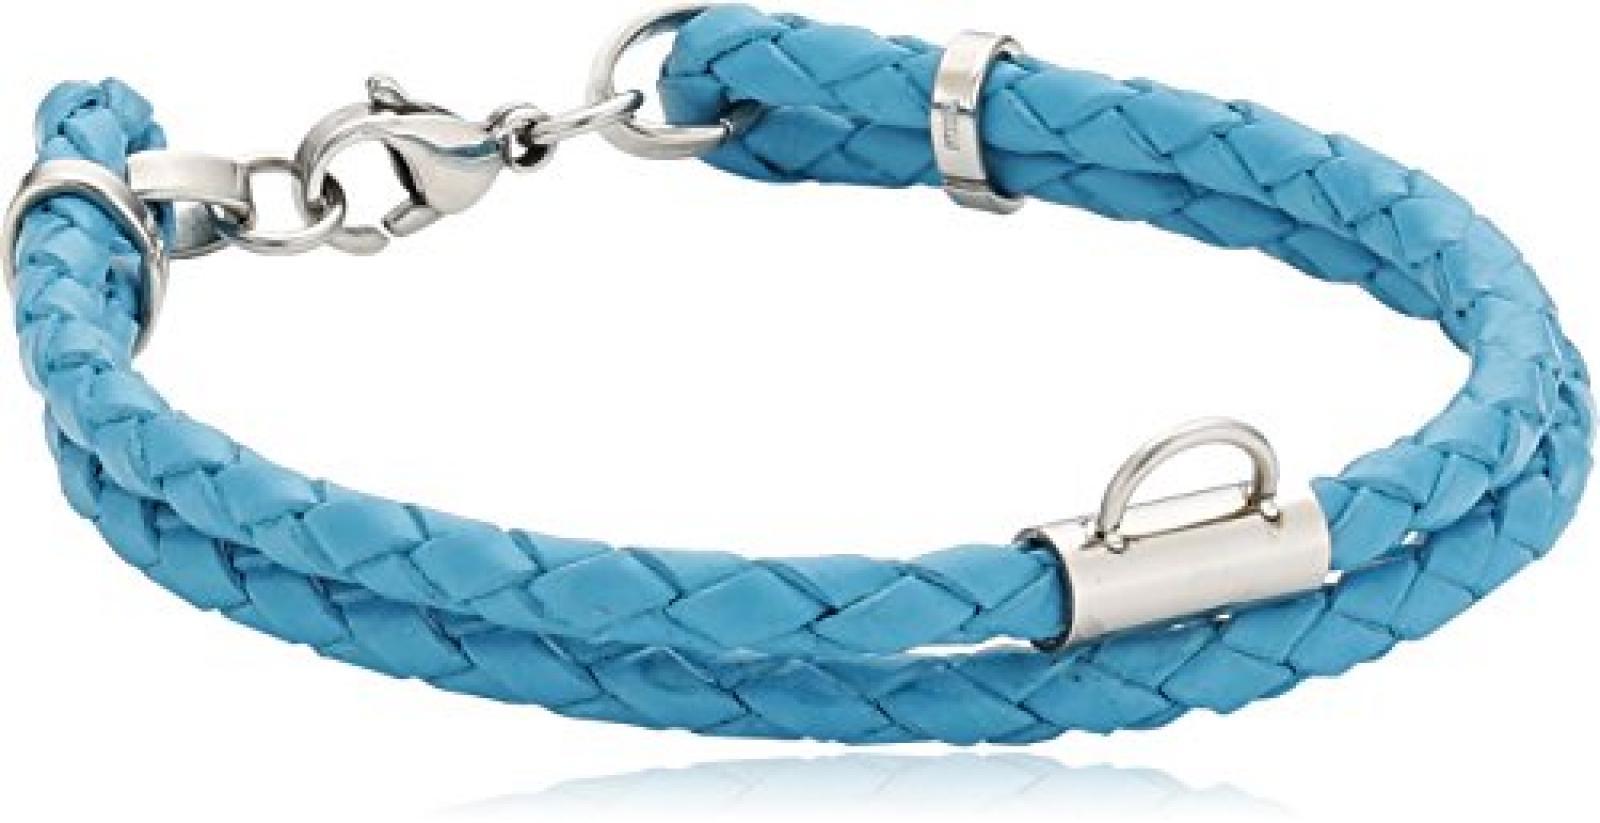 Zeeme Damen-Armband Geflochten Türkis 2-Reihig Für Charms Edelstahl 060060003-8-19